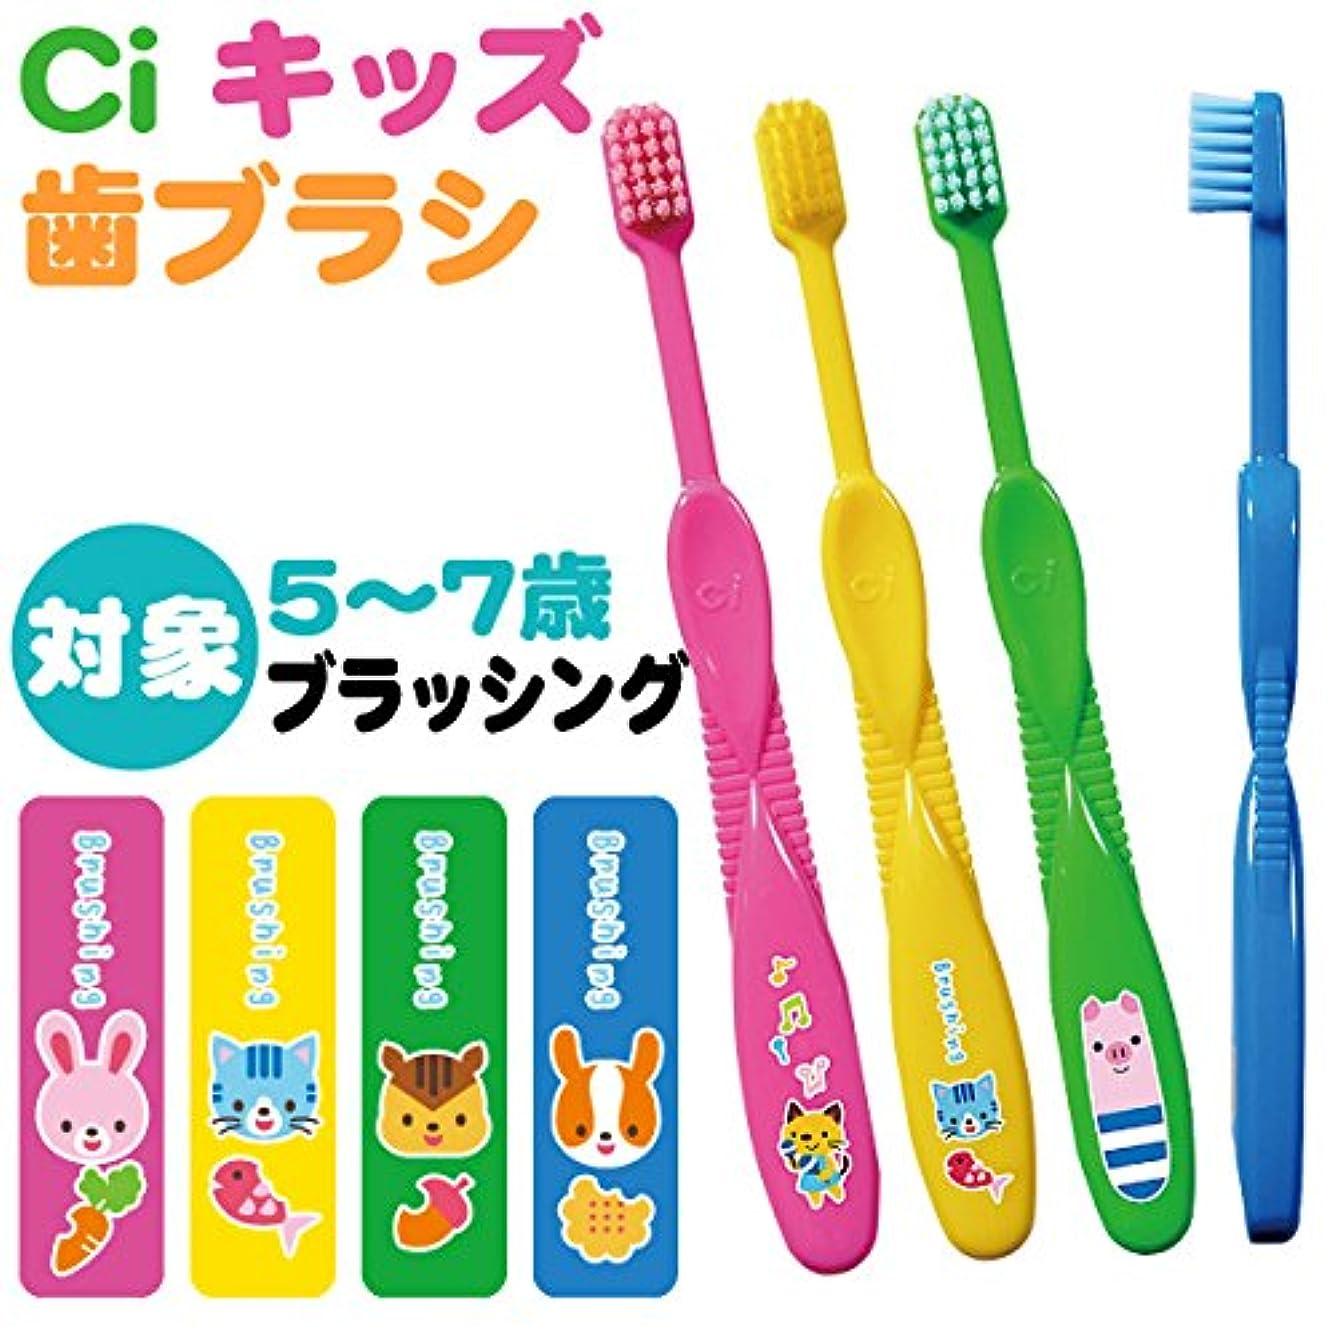 炭素第二ライオネルグリーンストリートCiキッズ歯ブラシ ブラッシング柄 4本